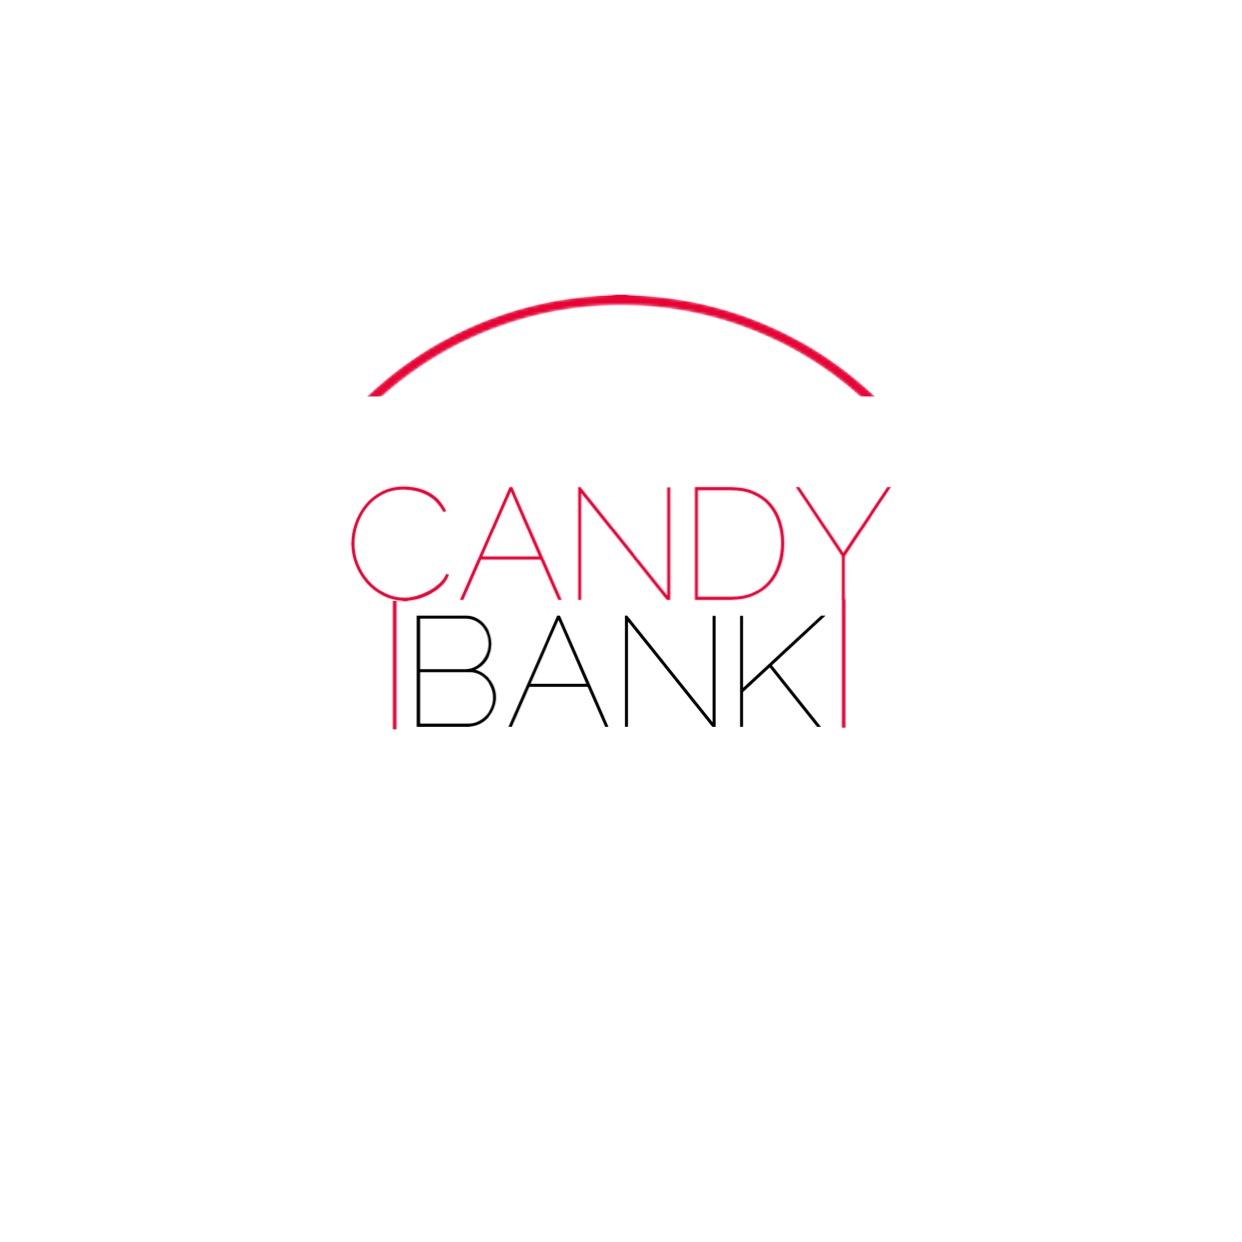 Логотип для международного банка фото f_7655d6bfc1d94fb2.jpg